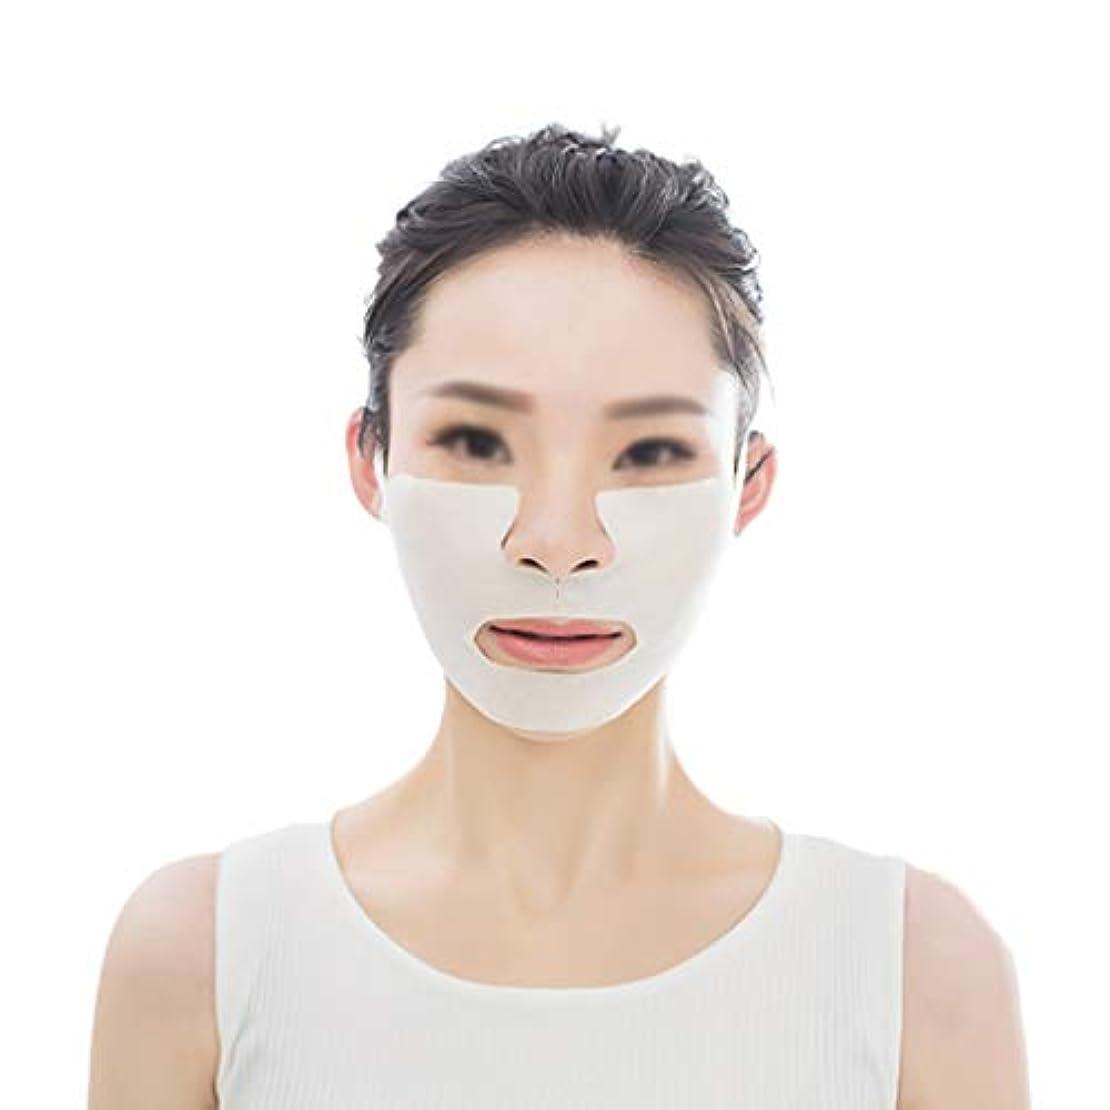 夕方エレベーター粘土XHLMRMJ フェイシャルスリミング、薄いフェイスマスク、下顎咬筋のあごを改善してフェイシャルラインを形成する、5箱、フェイスマスクの3箱